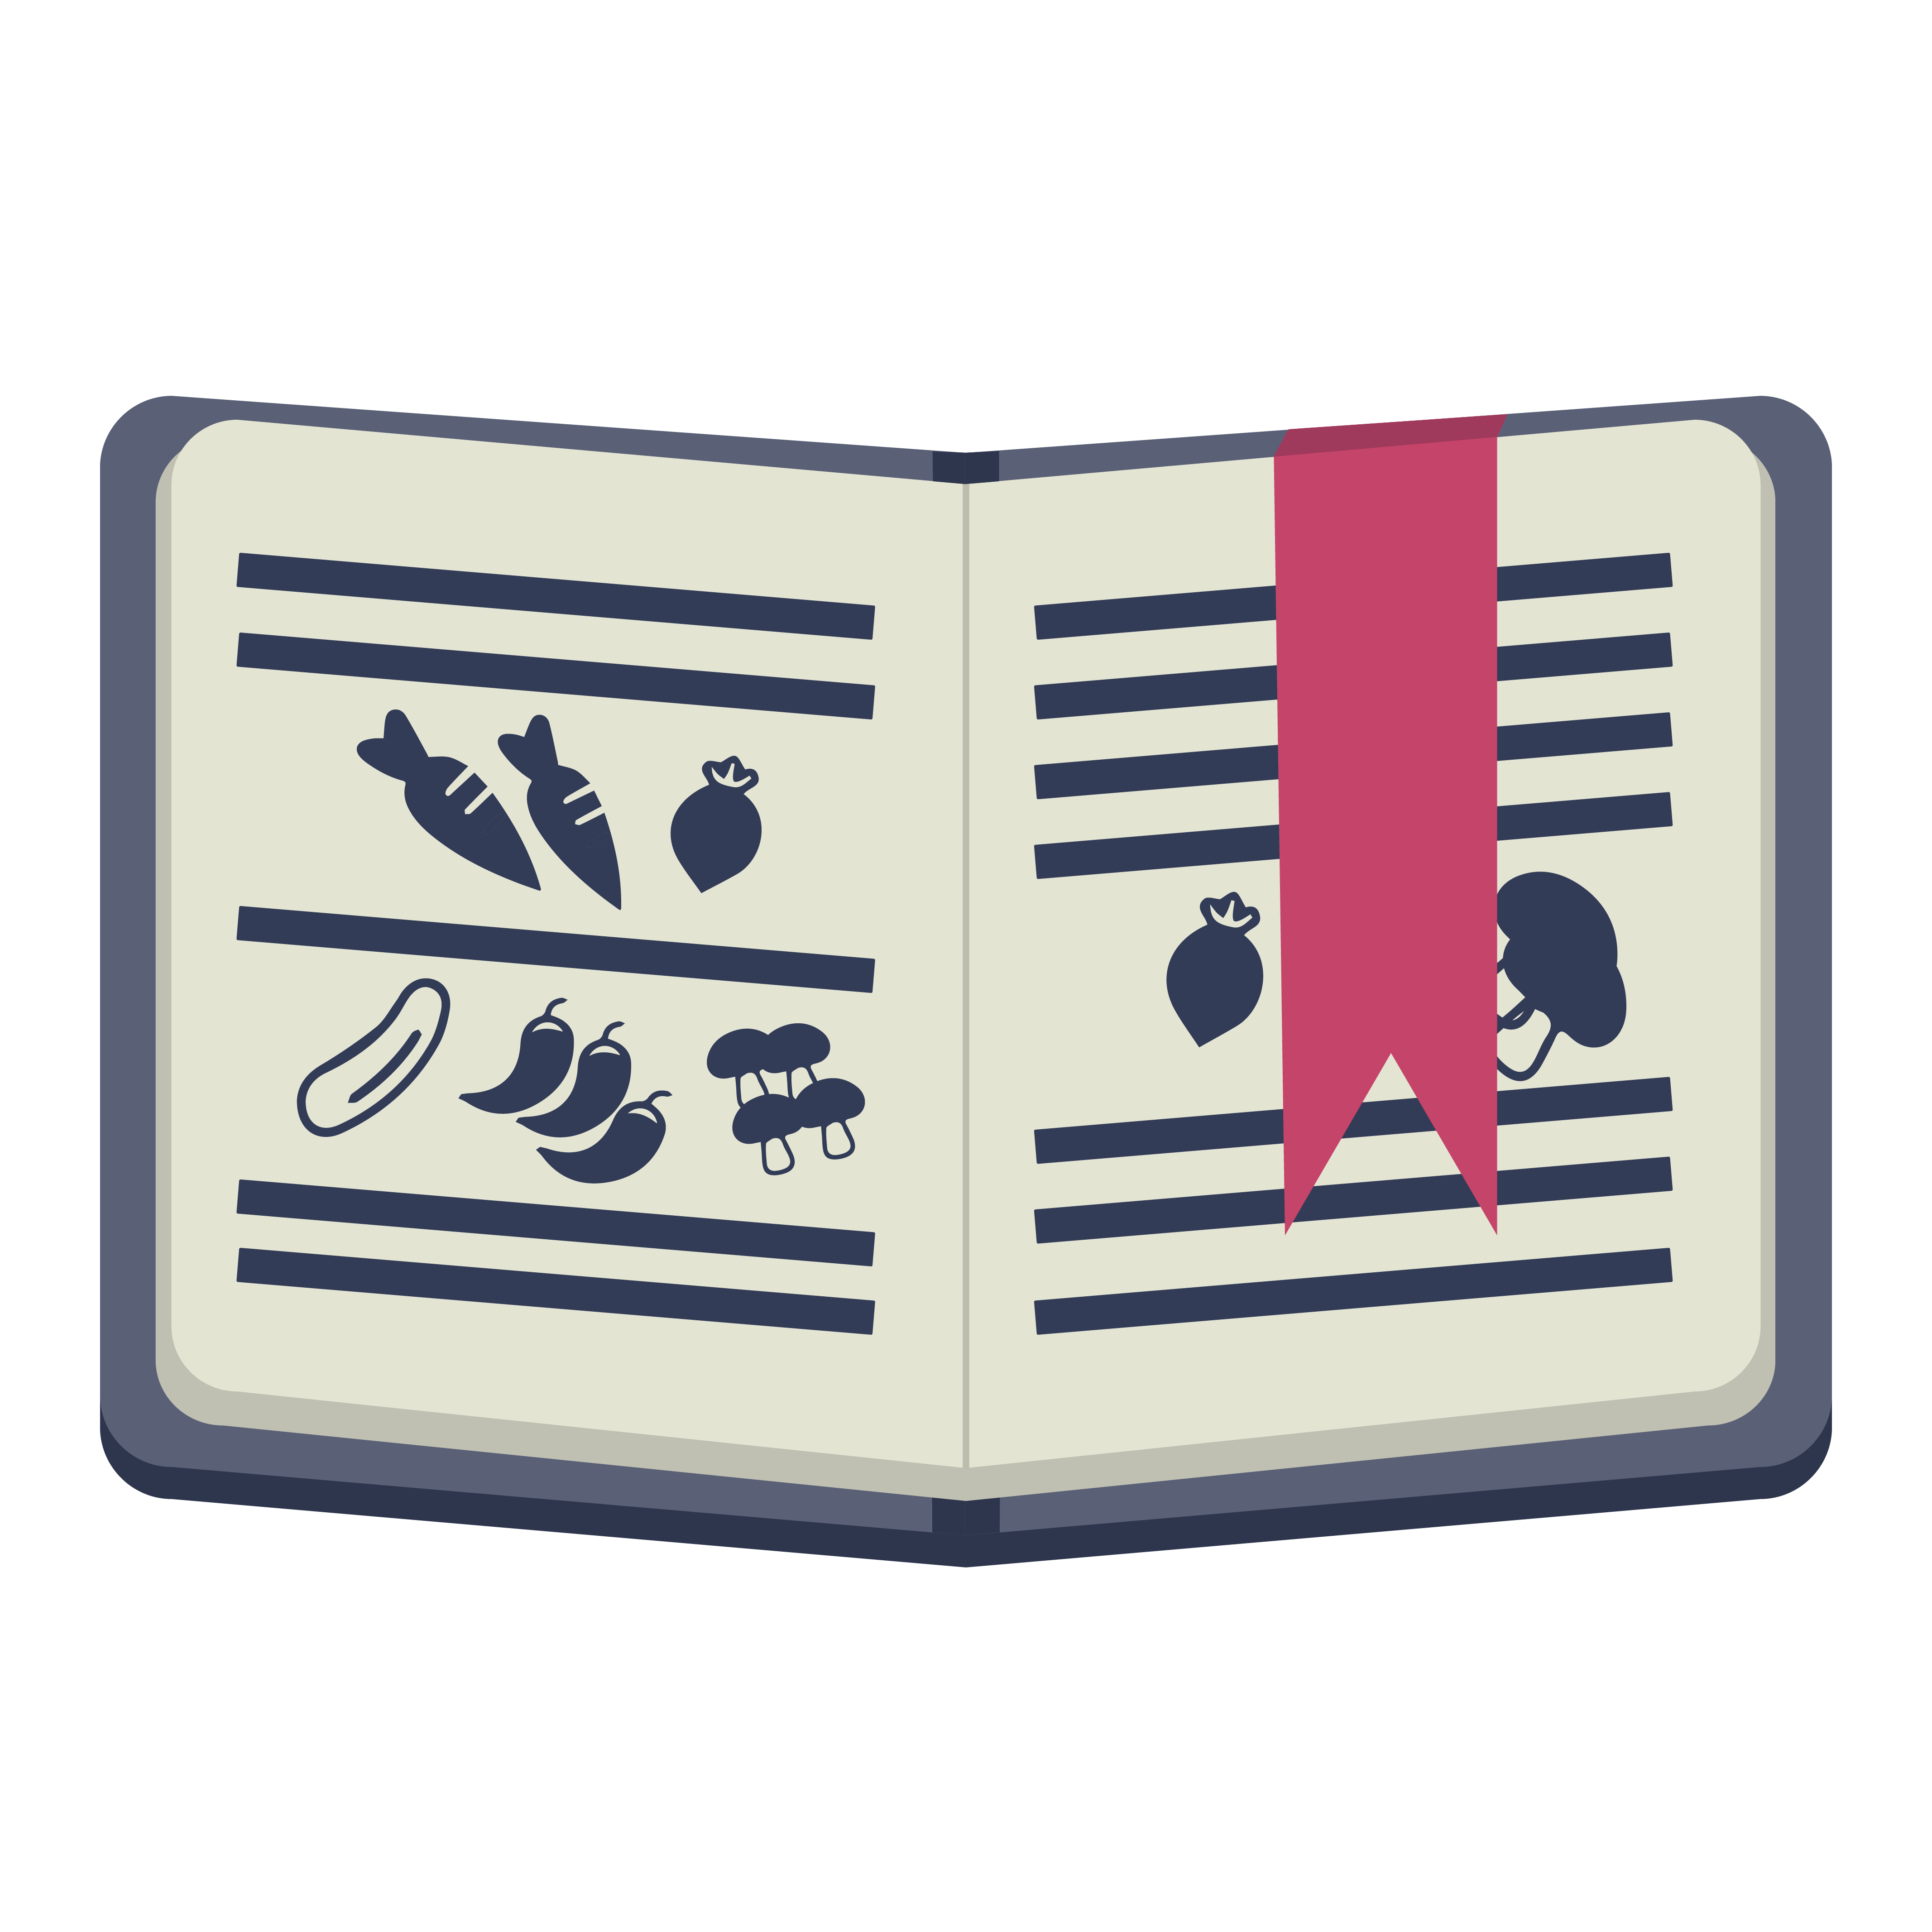 RecipeBookFinal 02